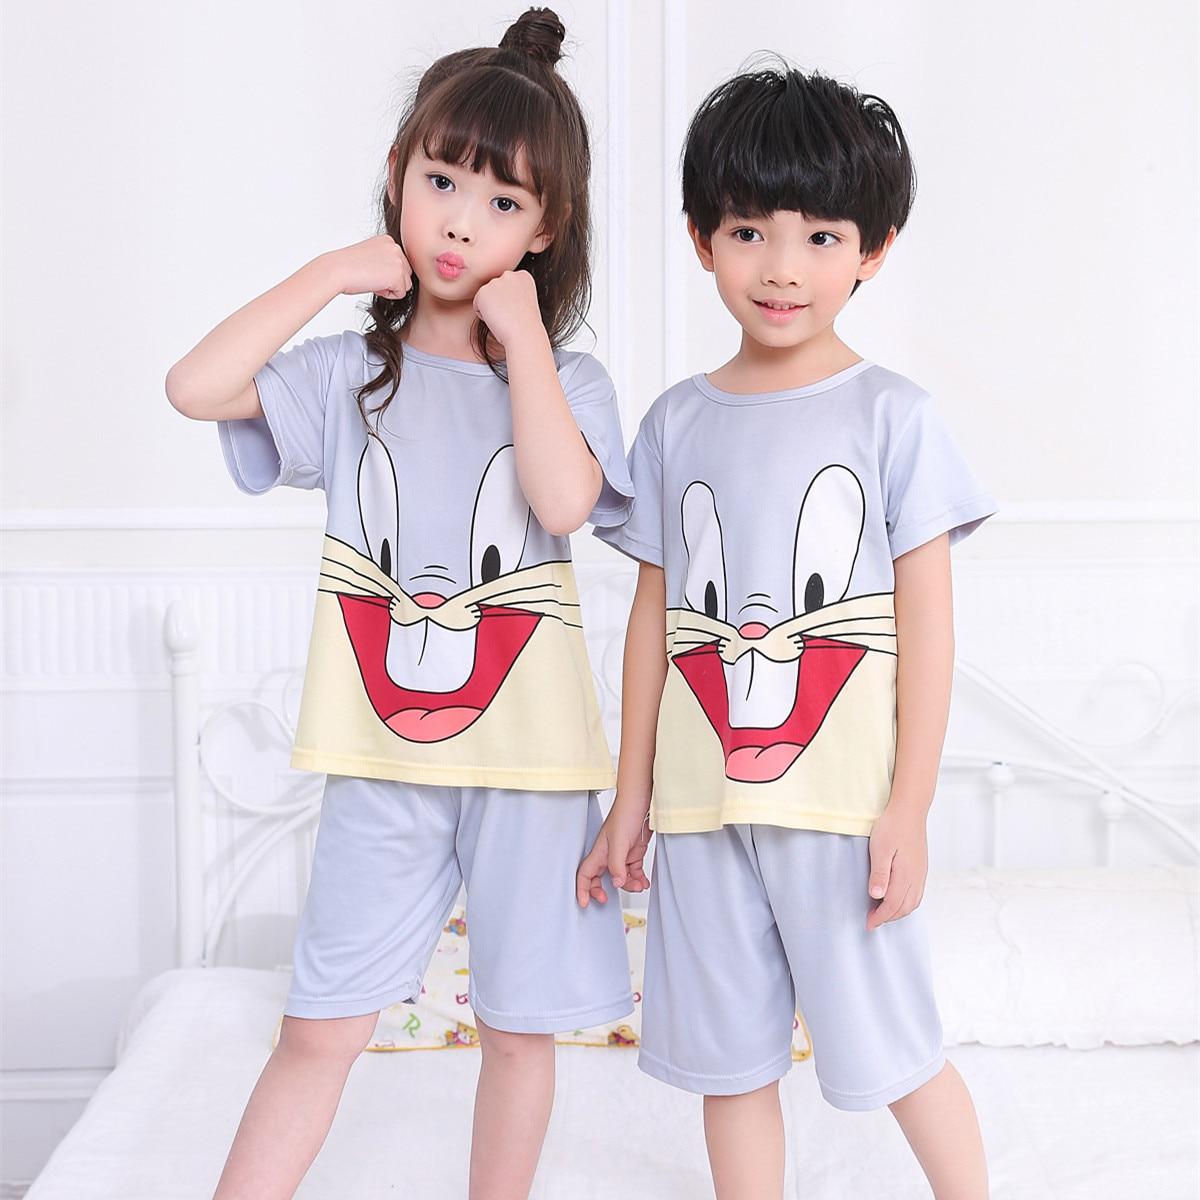 Летние детские пижамы с короткими рукавами для мальчиков и девочек мягкие пижамы с рисунками для детей милая Домашняя одежда детский день п...